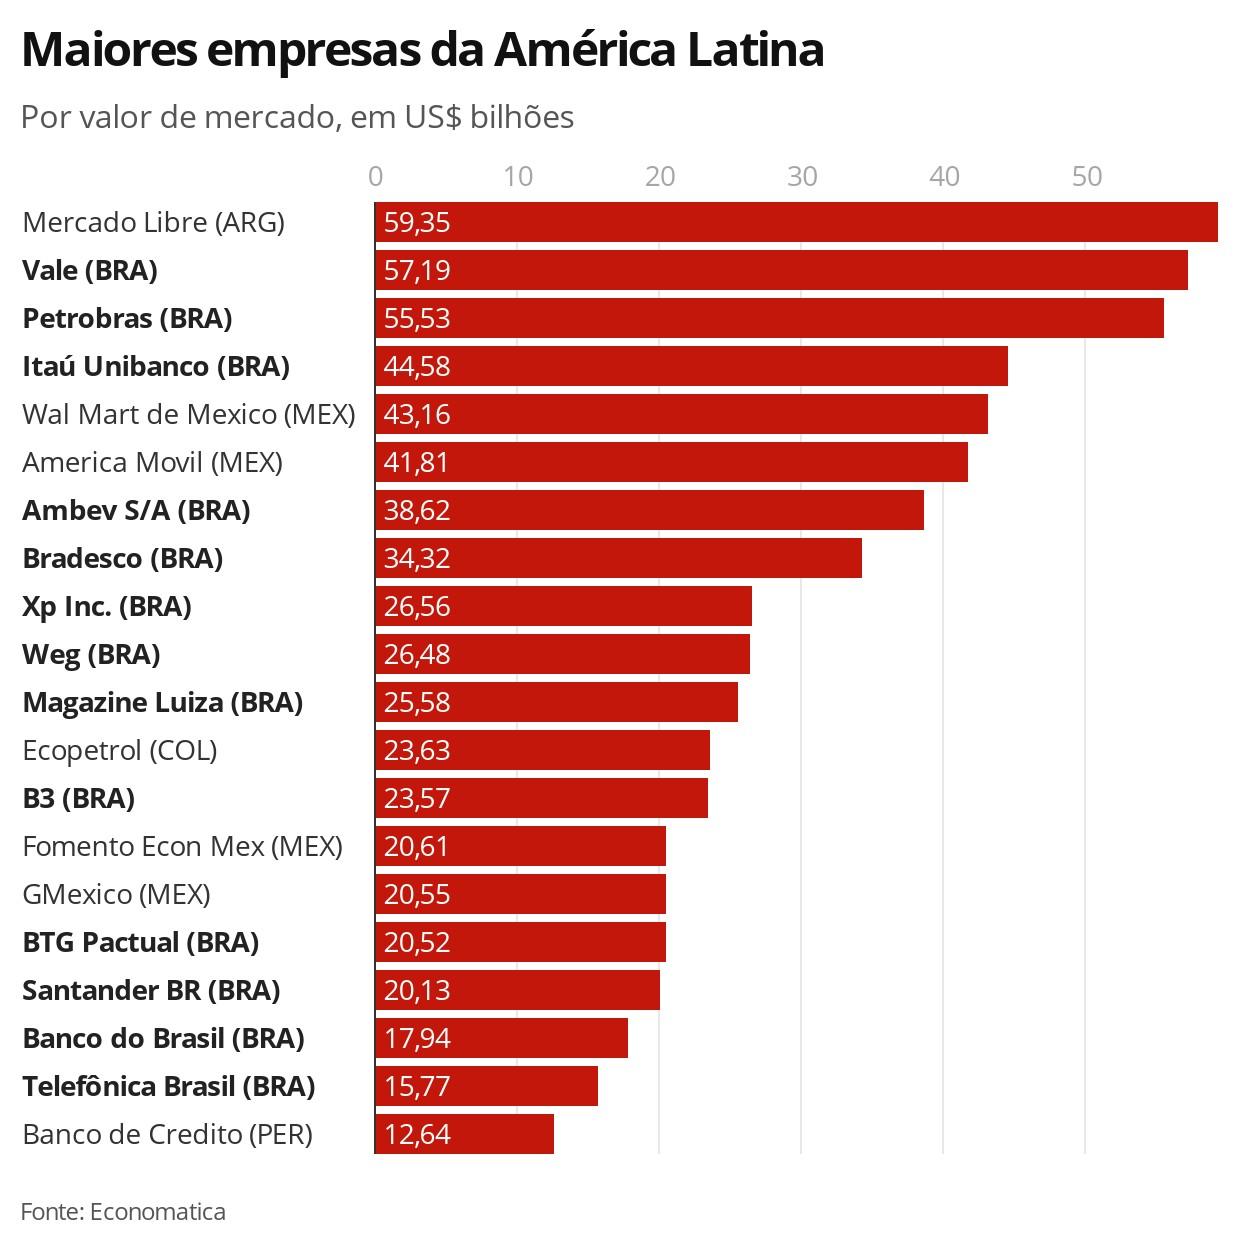 Mercado Livre torna-se a maior empresa da América Latina em valor de mercado